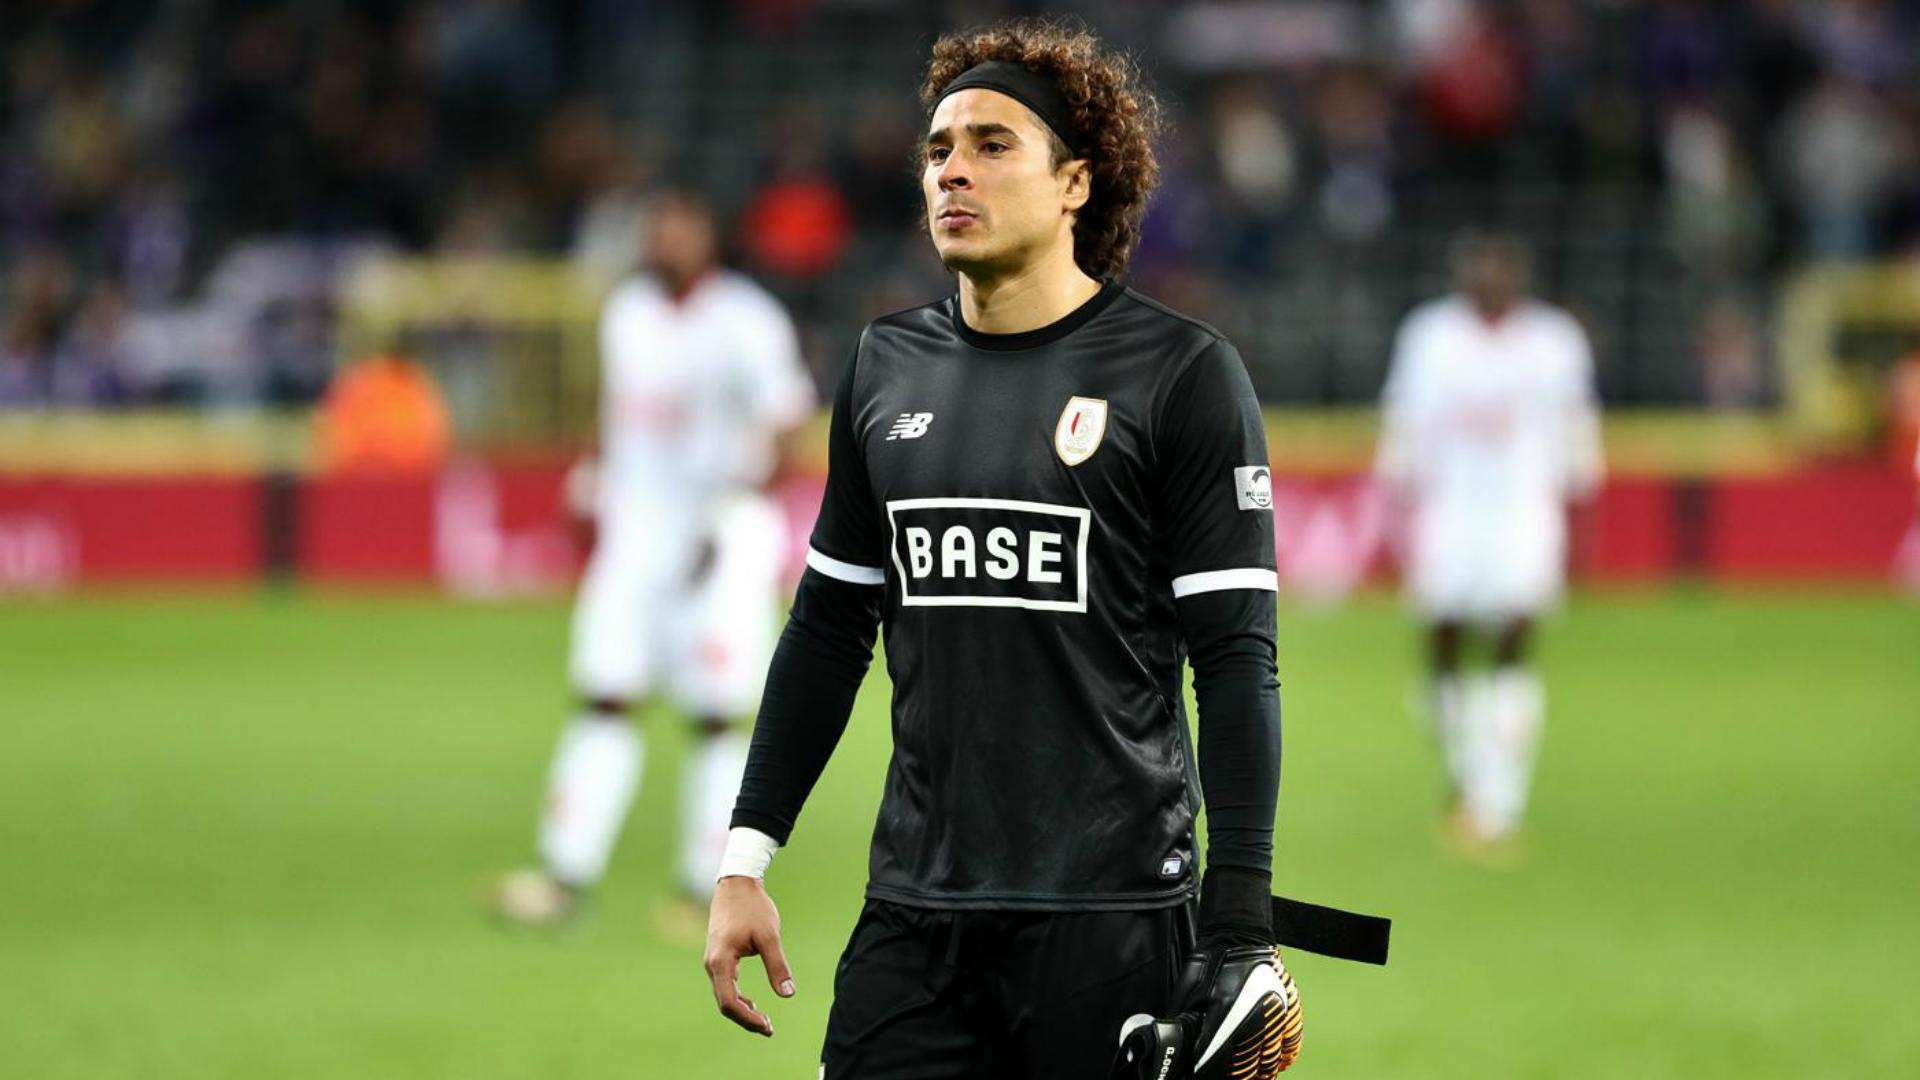 Gana Ochoa duelo ante Govea en Bélgica